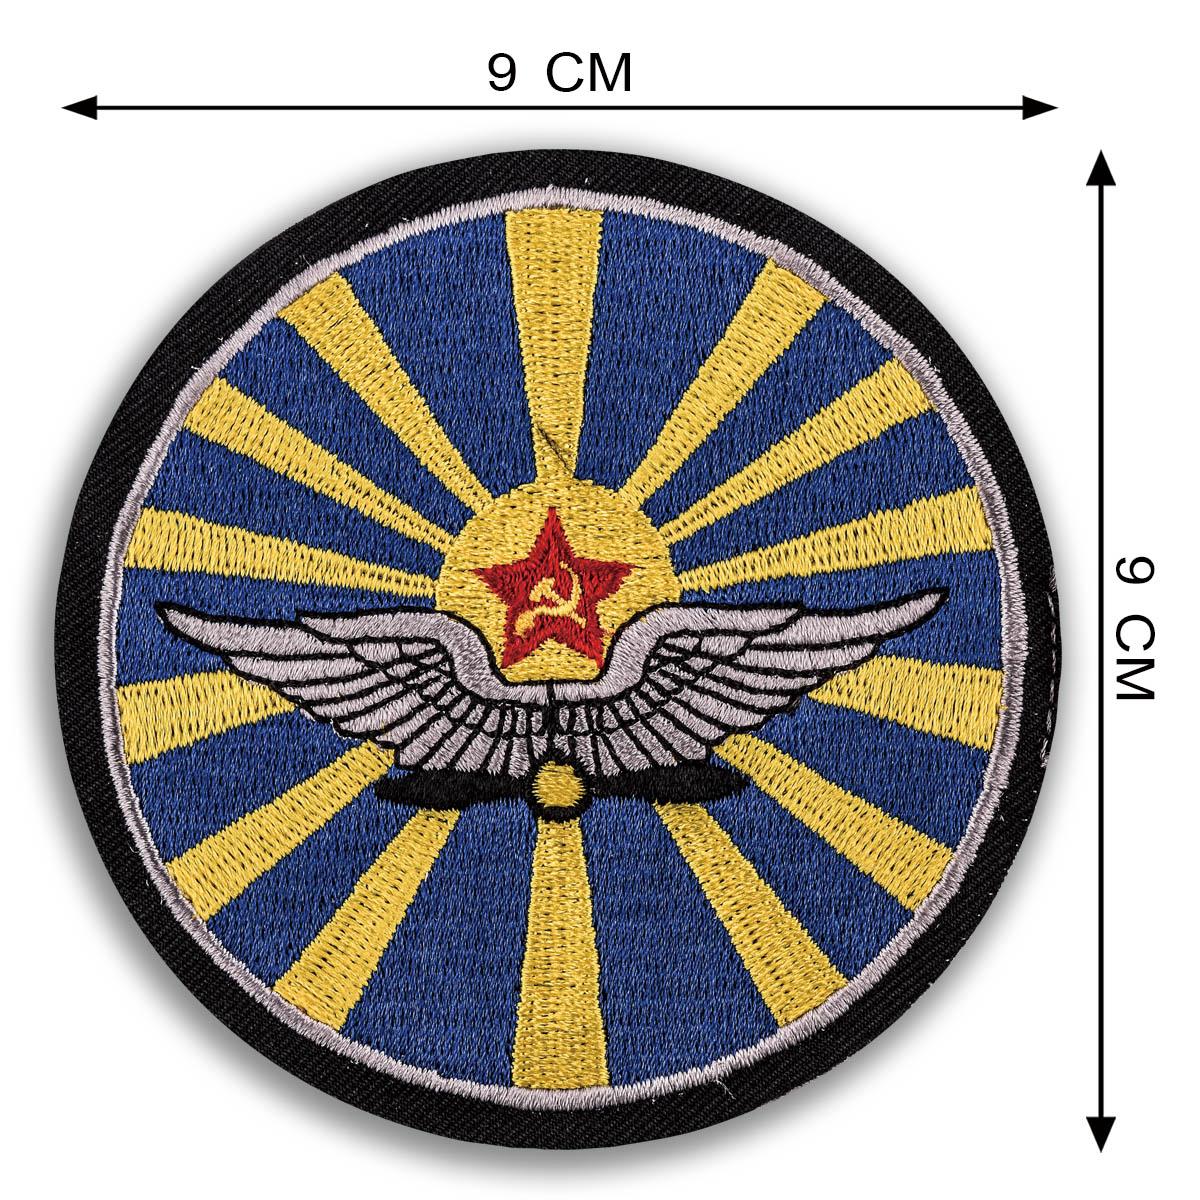 Мужская военная толстовка с шевроном ВВС СССР.